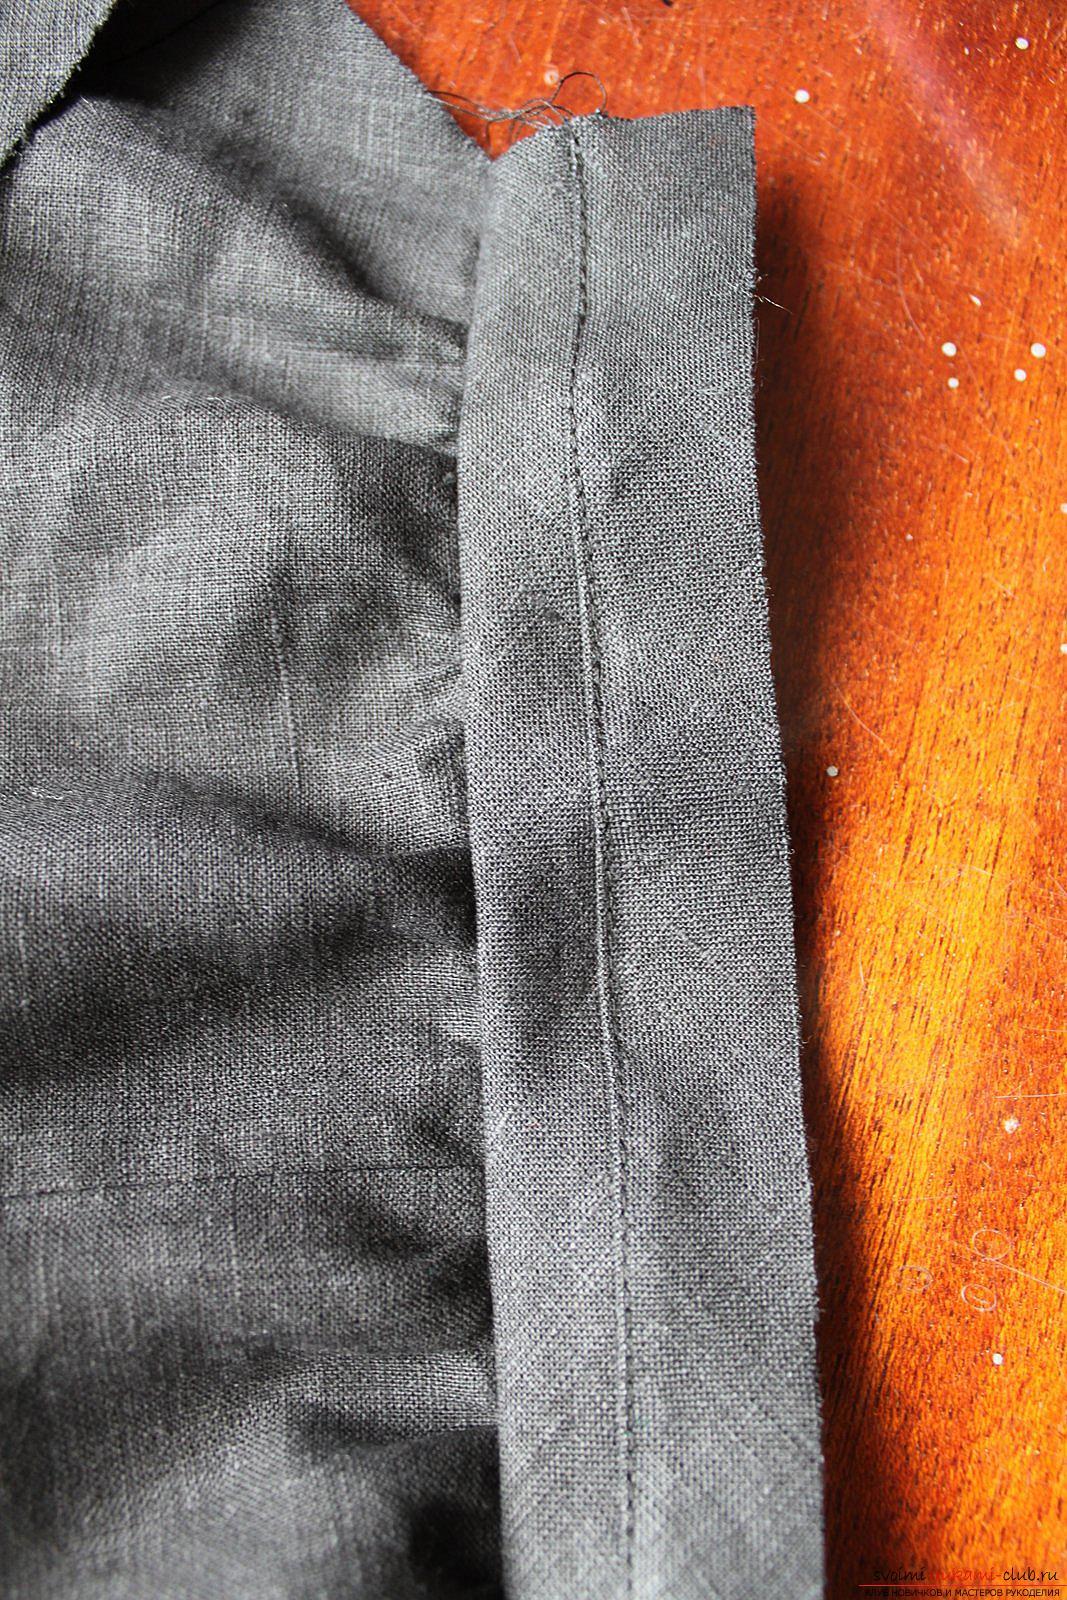 Этот подробный мастер-класс с фото и описанием научит как сшить своими руками платье из льна.. Фото №27